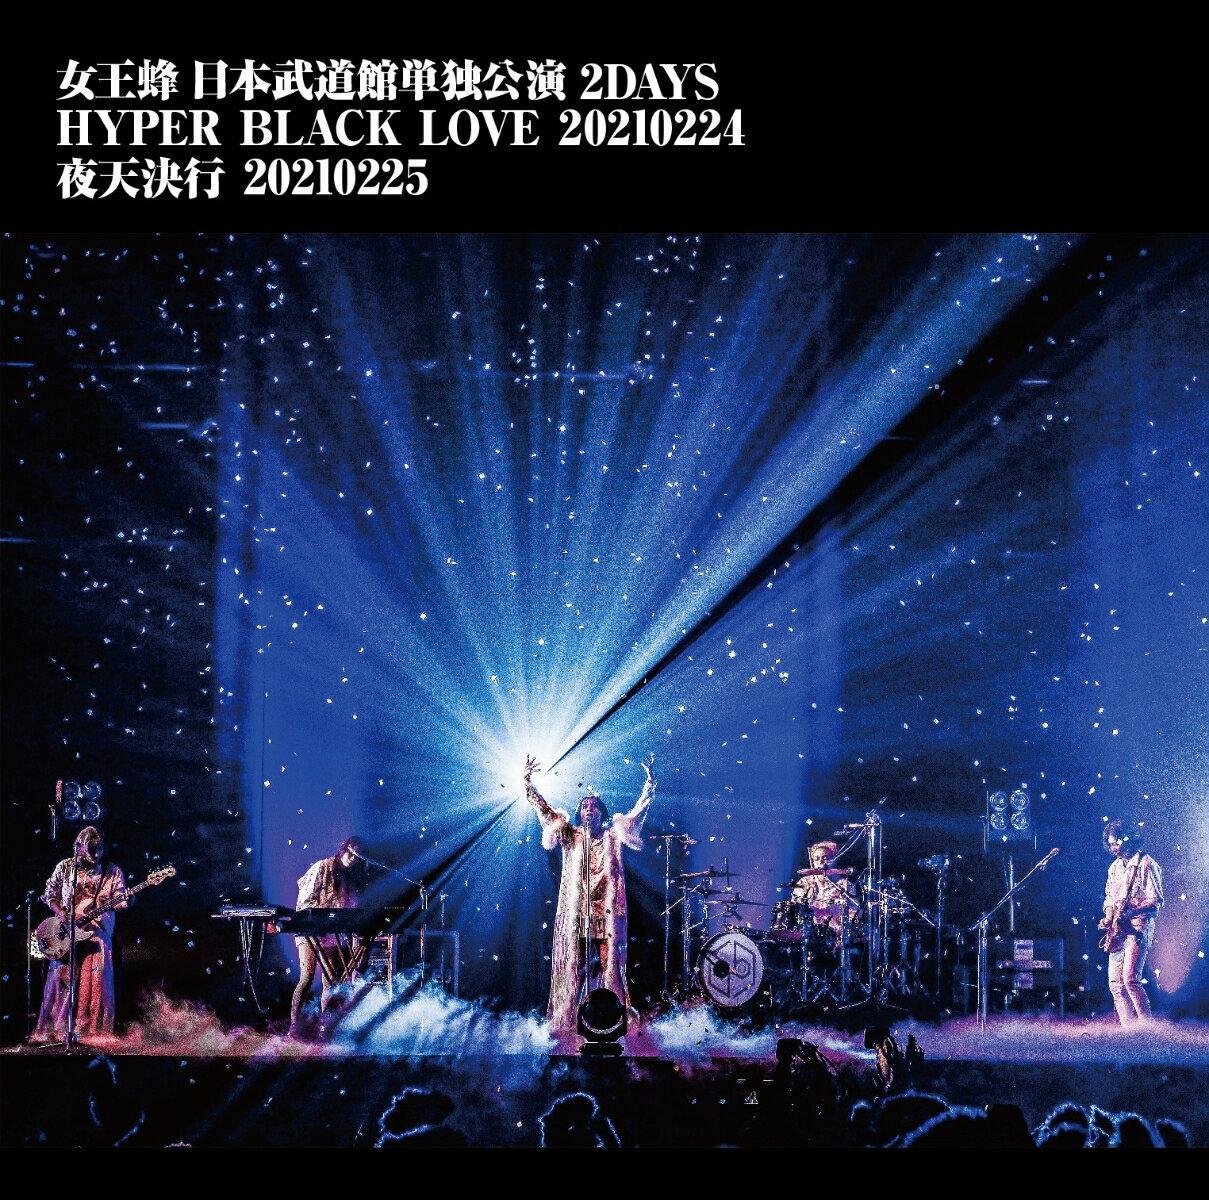 女王蜂 日本武道館単独公演 2DAYS「HYPER BLACK LOVE」20210224「夜天決行」20210225(通常盤 DVD)